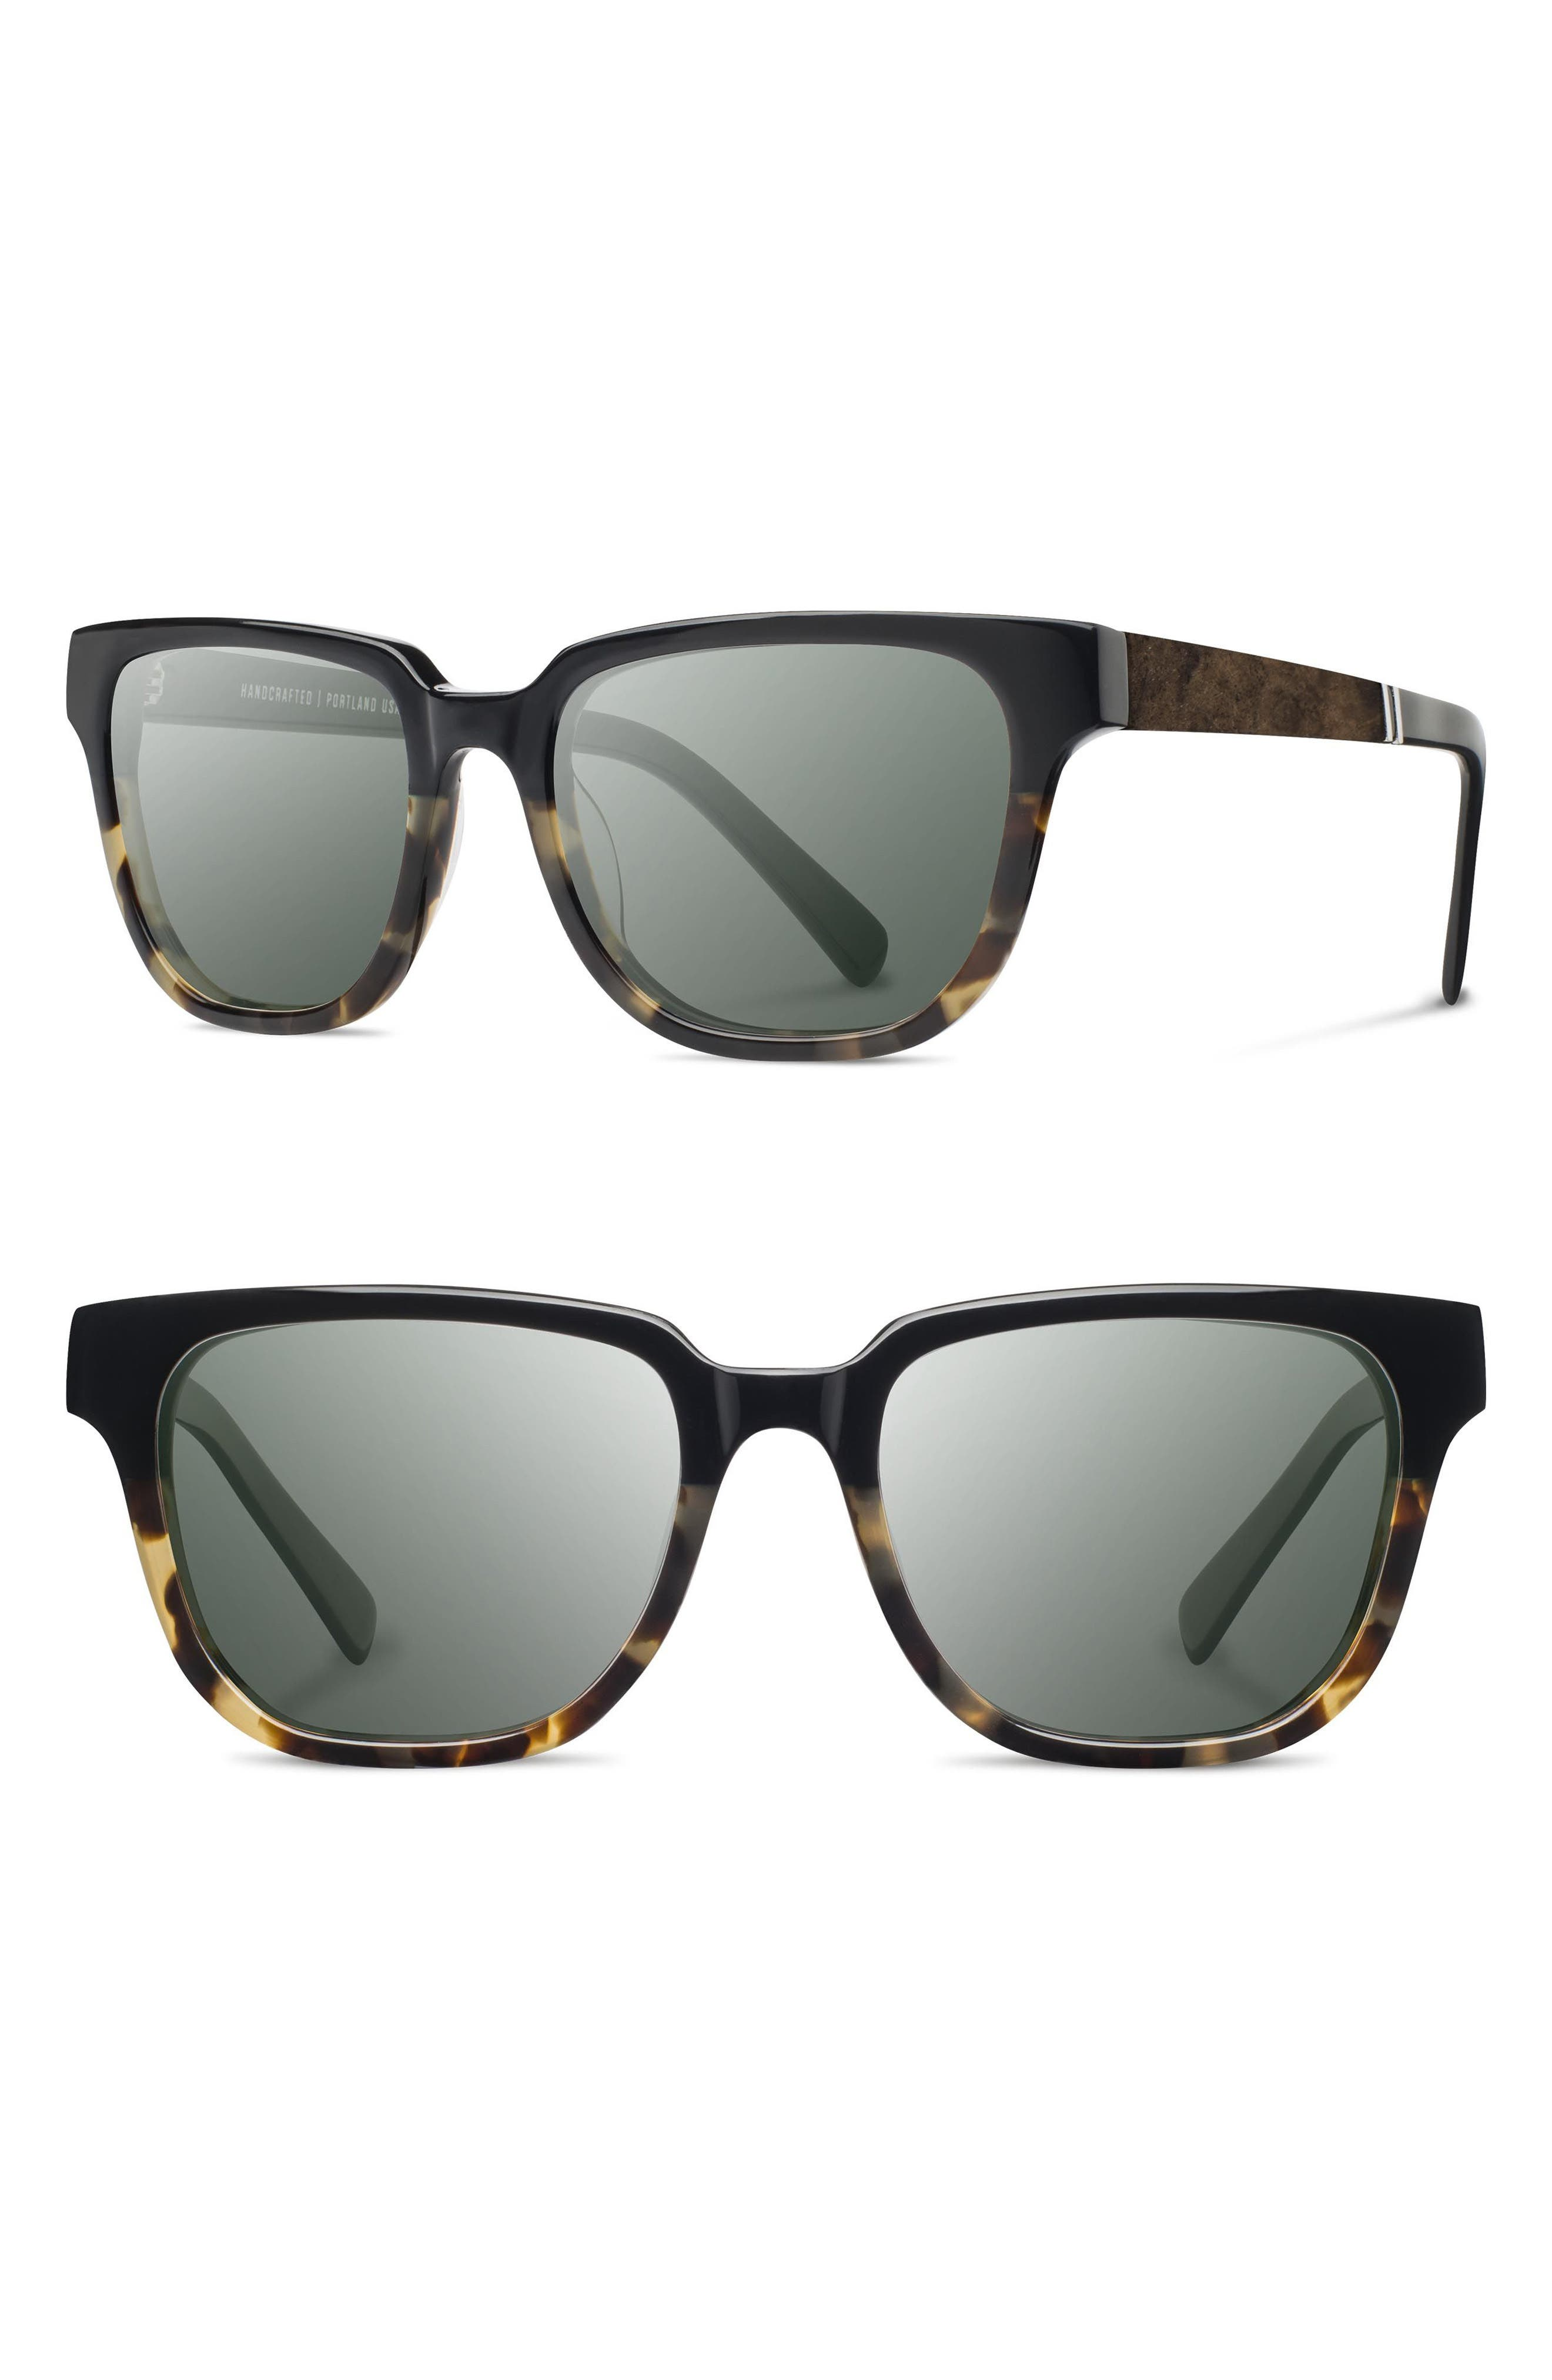 Shwood 'Prescott' 52mm Acetate & Wood Sunglasses